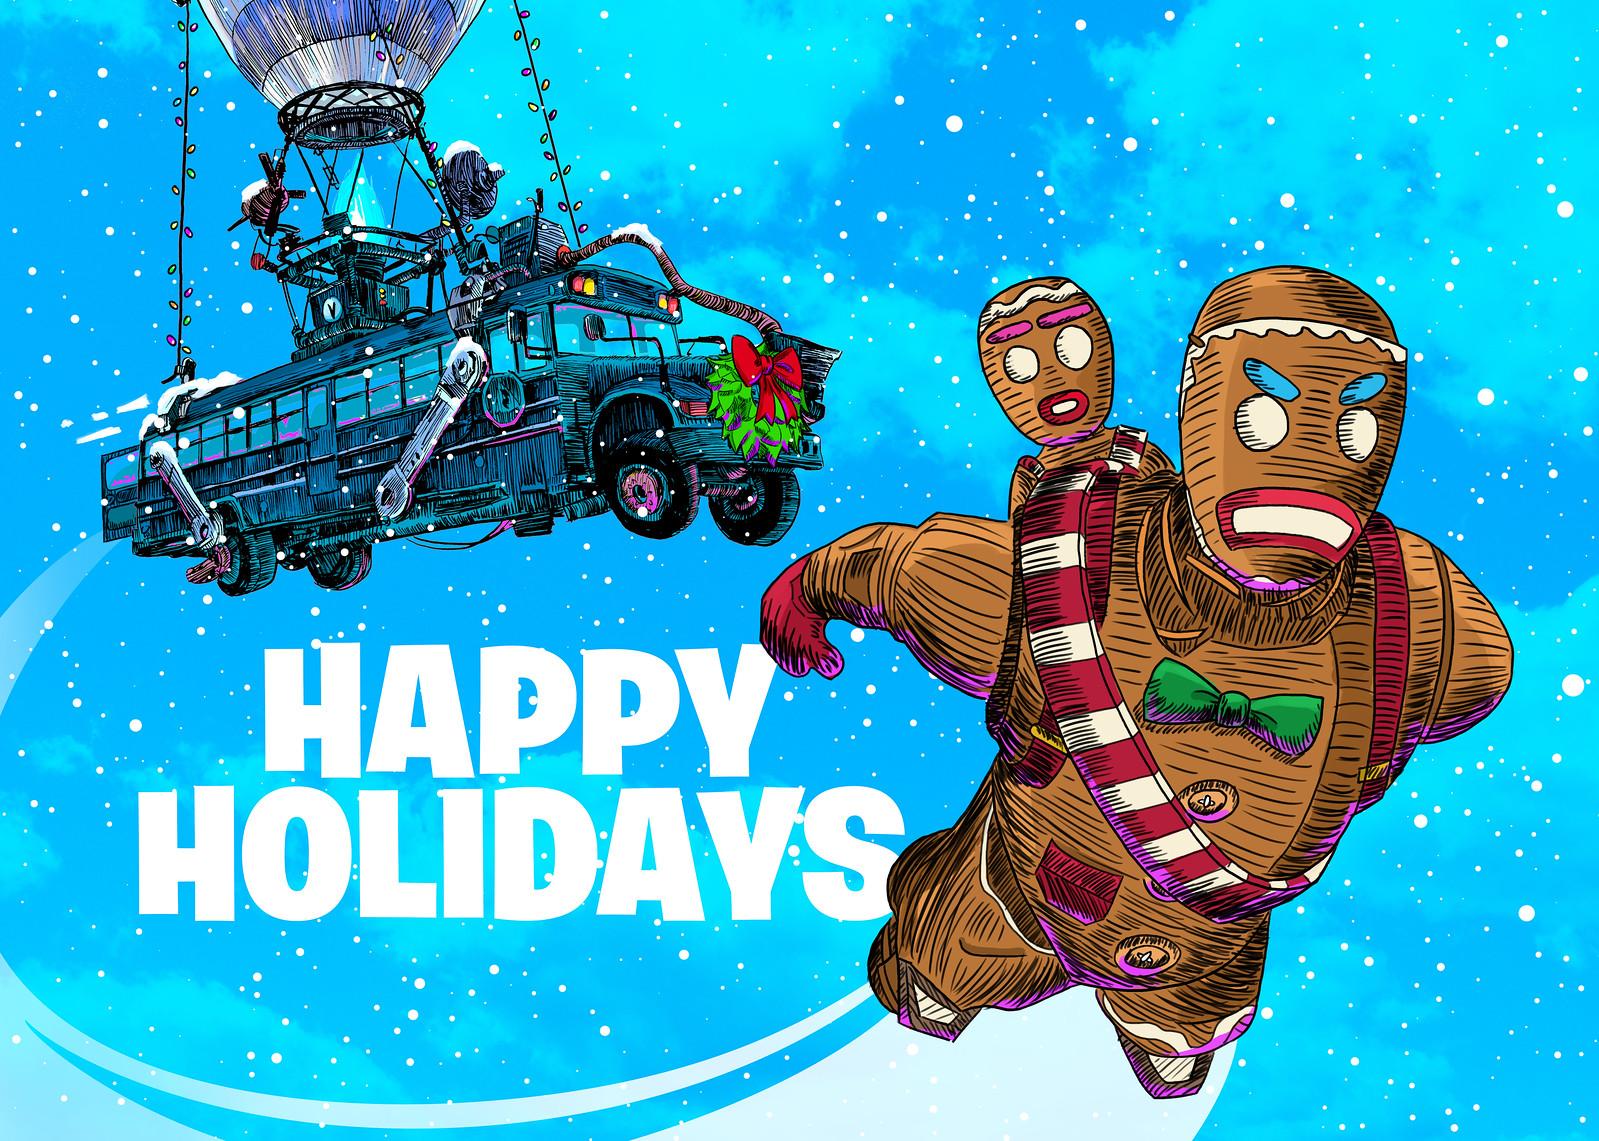 49205277361 a4c99a94a3 h - Frohe Weihnachten vom PlayStation.Blog und den Teams rund um die Welt